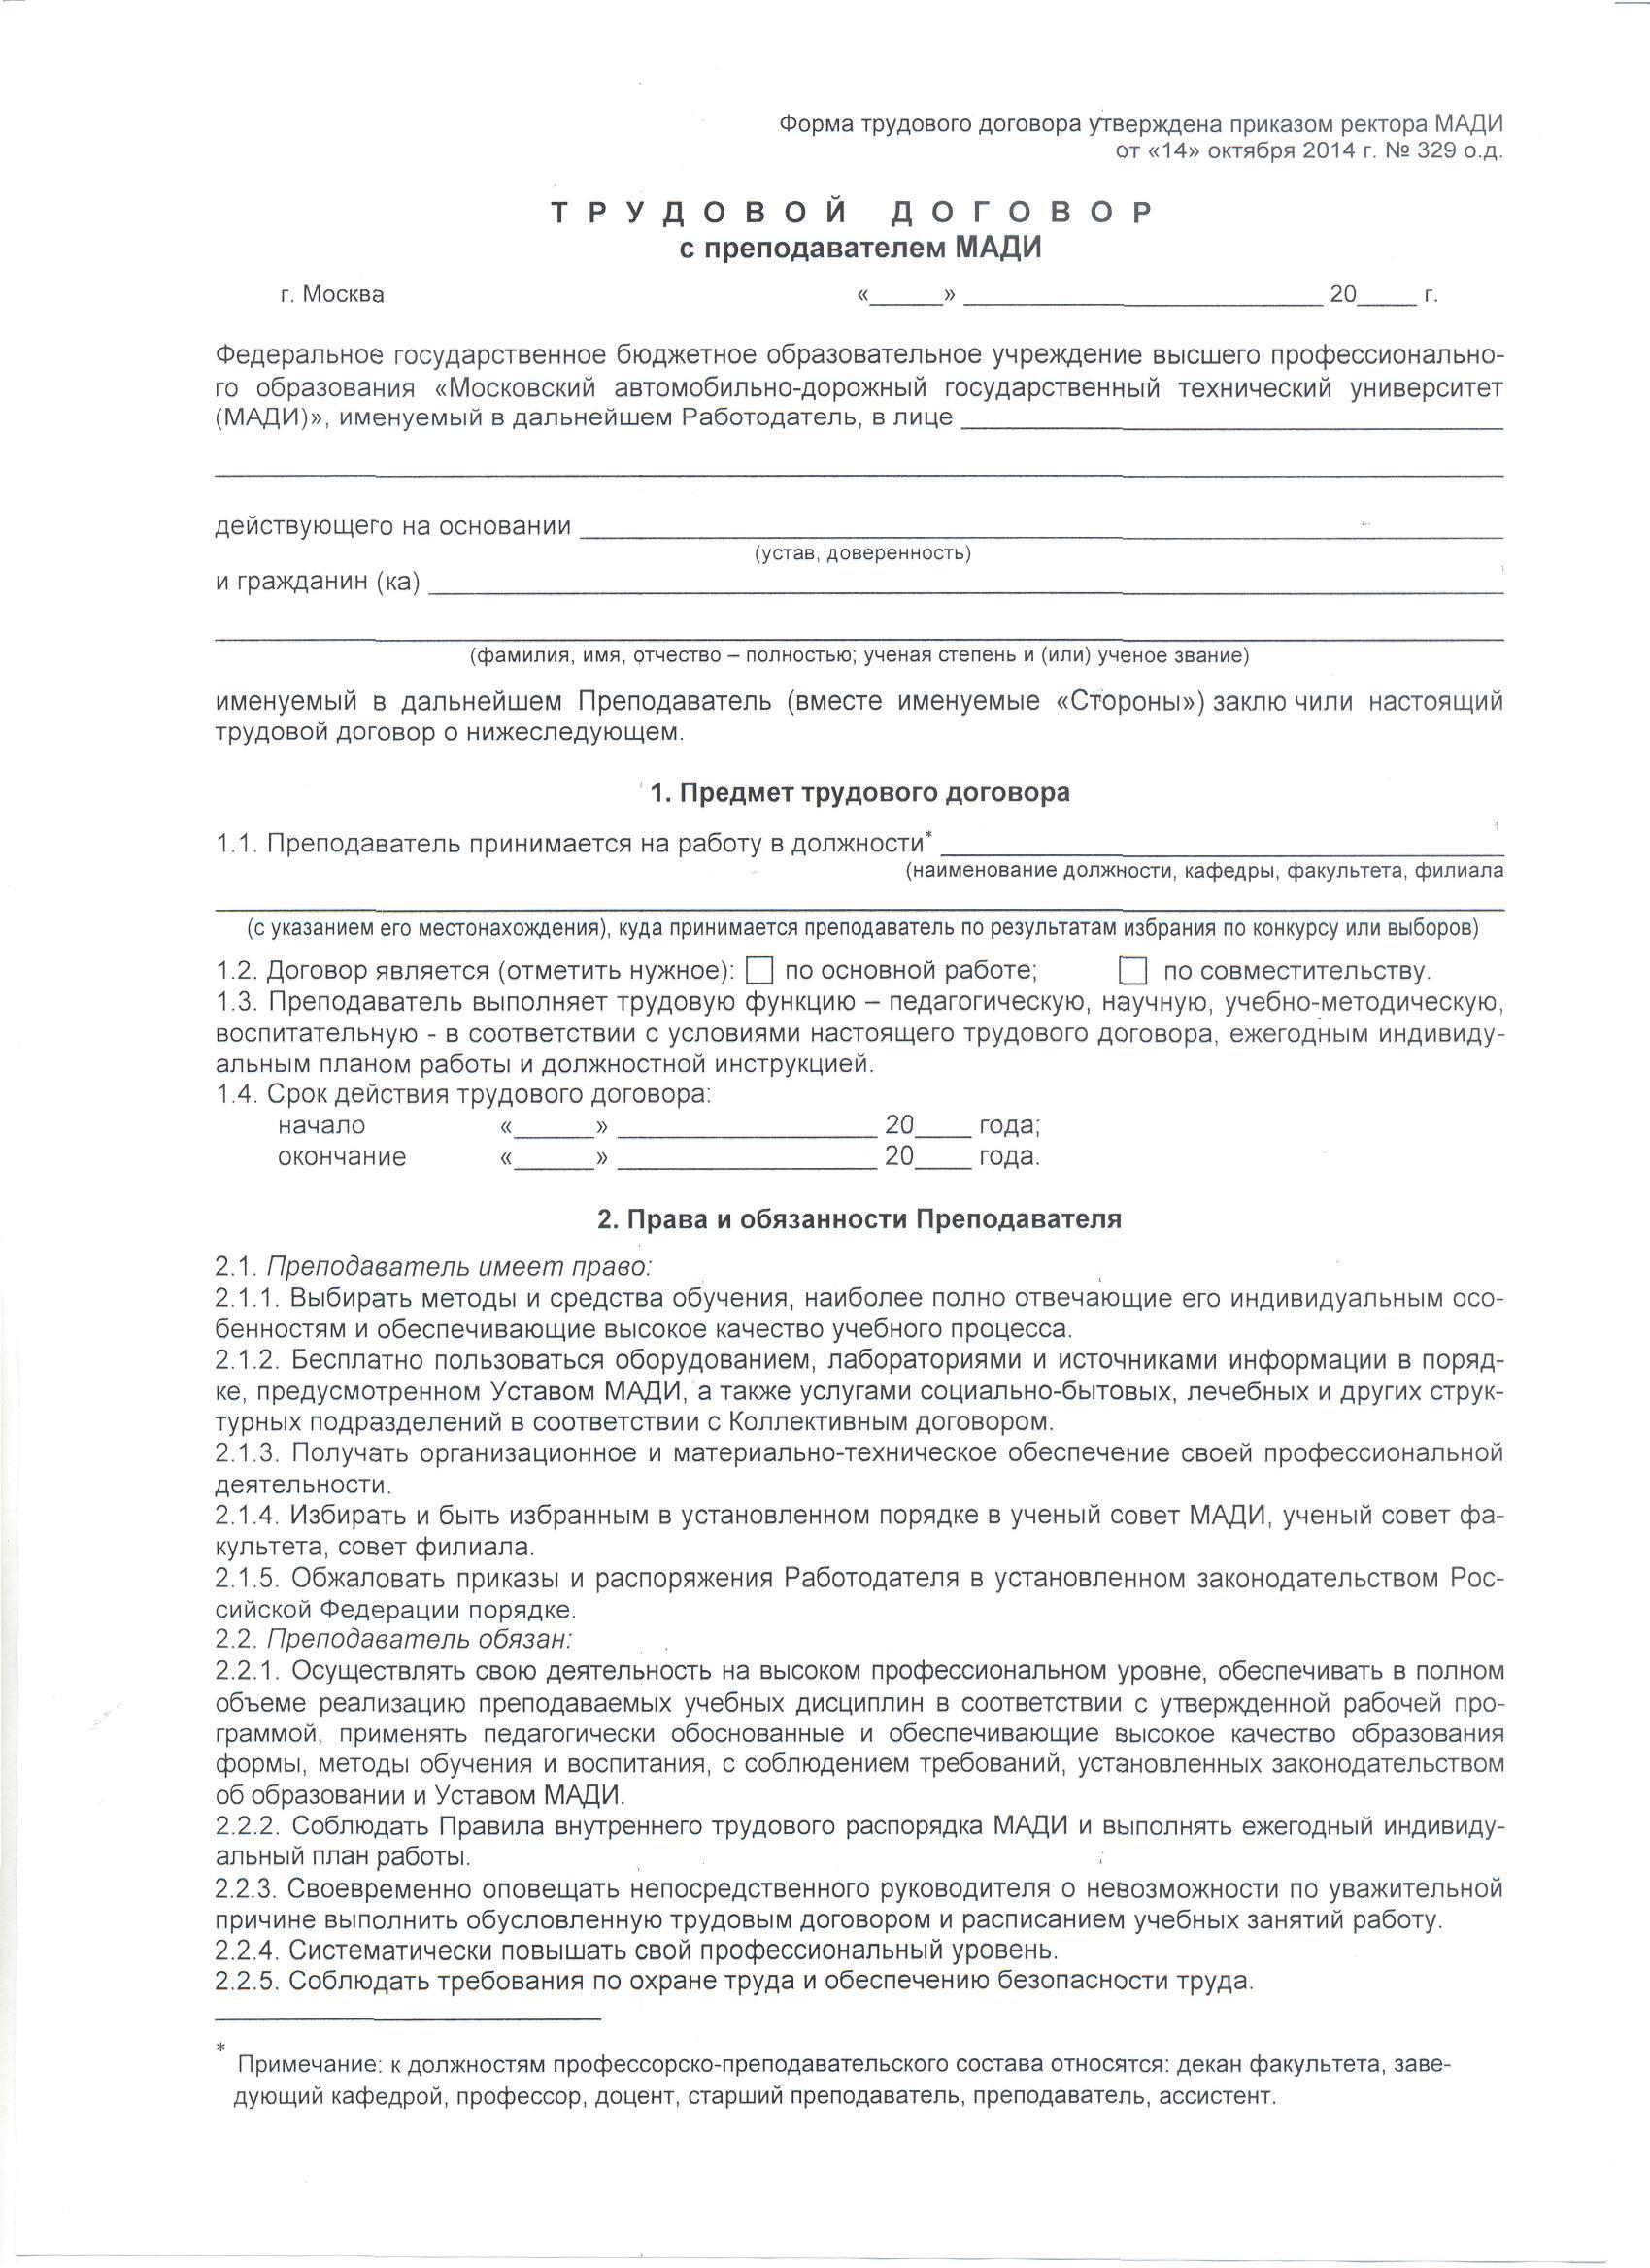 трудовой договор с механиком образец